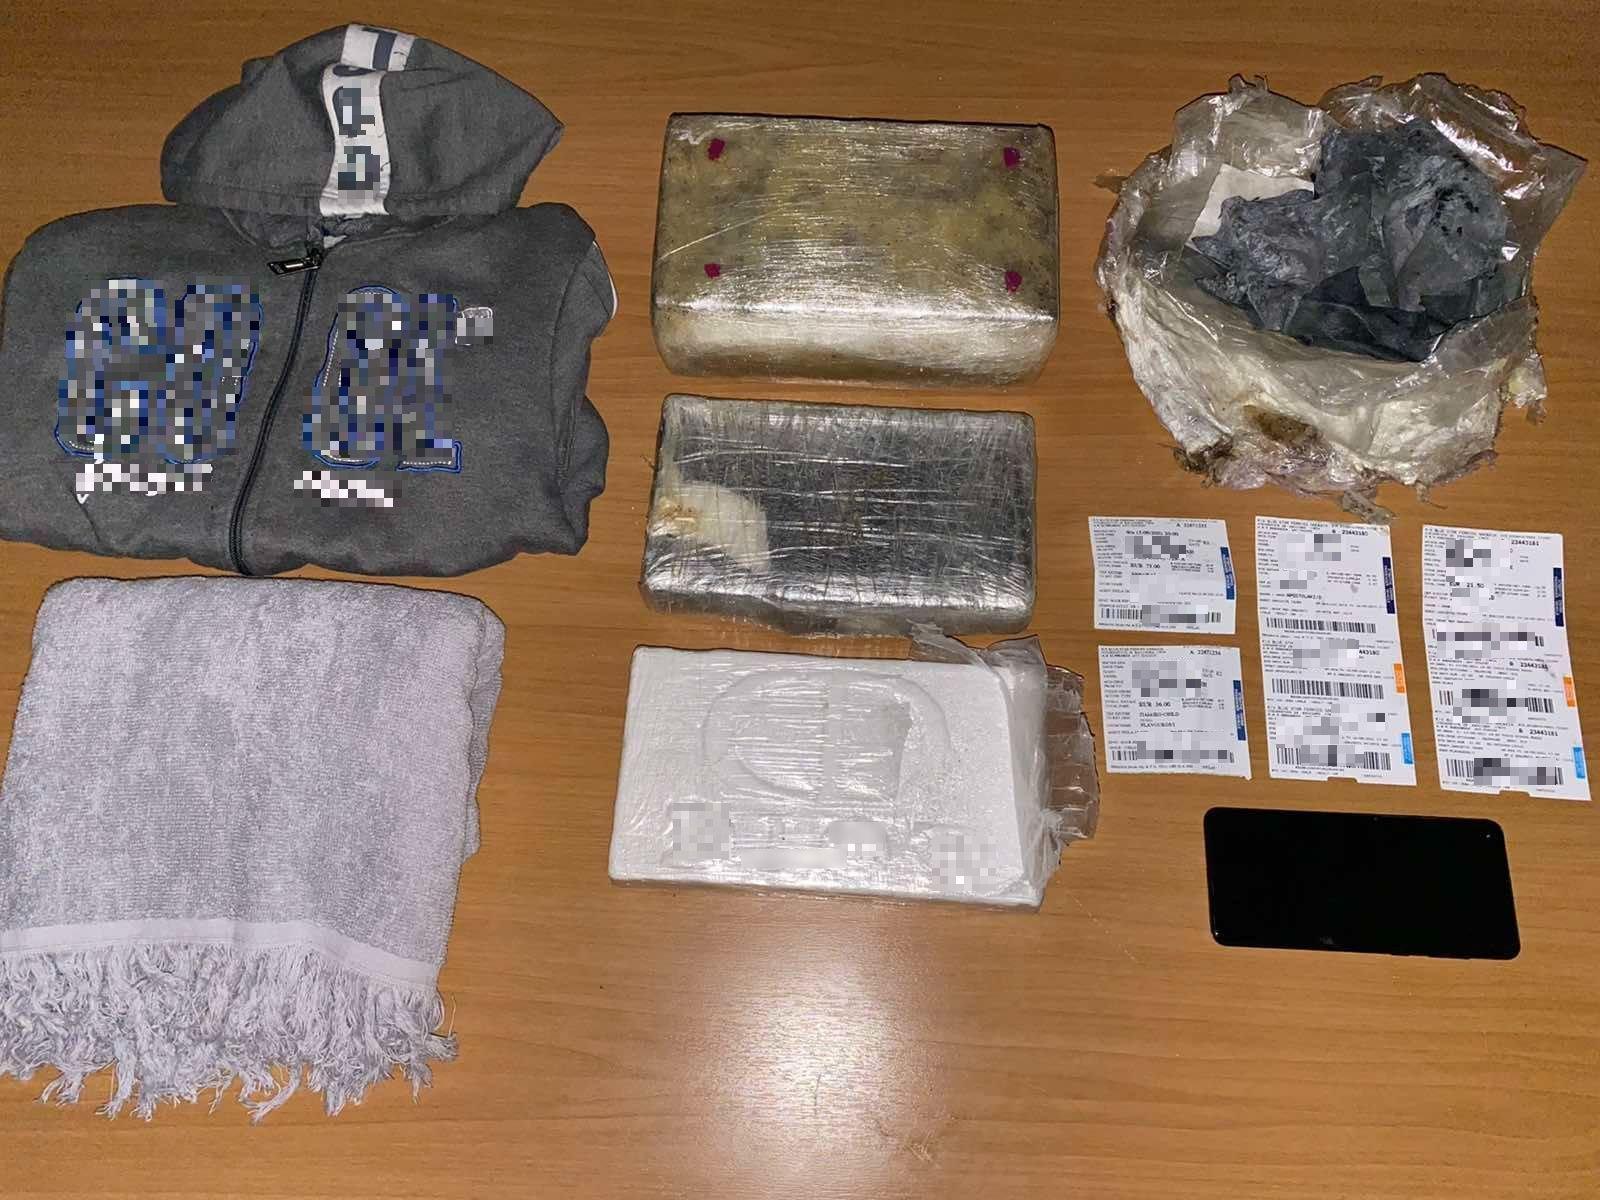 Λέσβος: Τα ρούχα της κοπέλας έκρυβαν πλάκες κοκαϊνης – Ήθελαν να βγάλουν πάνω από 200.000 ευρώ